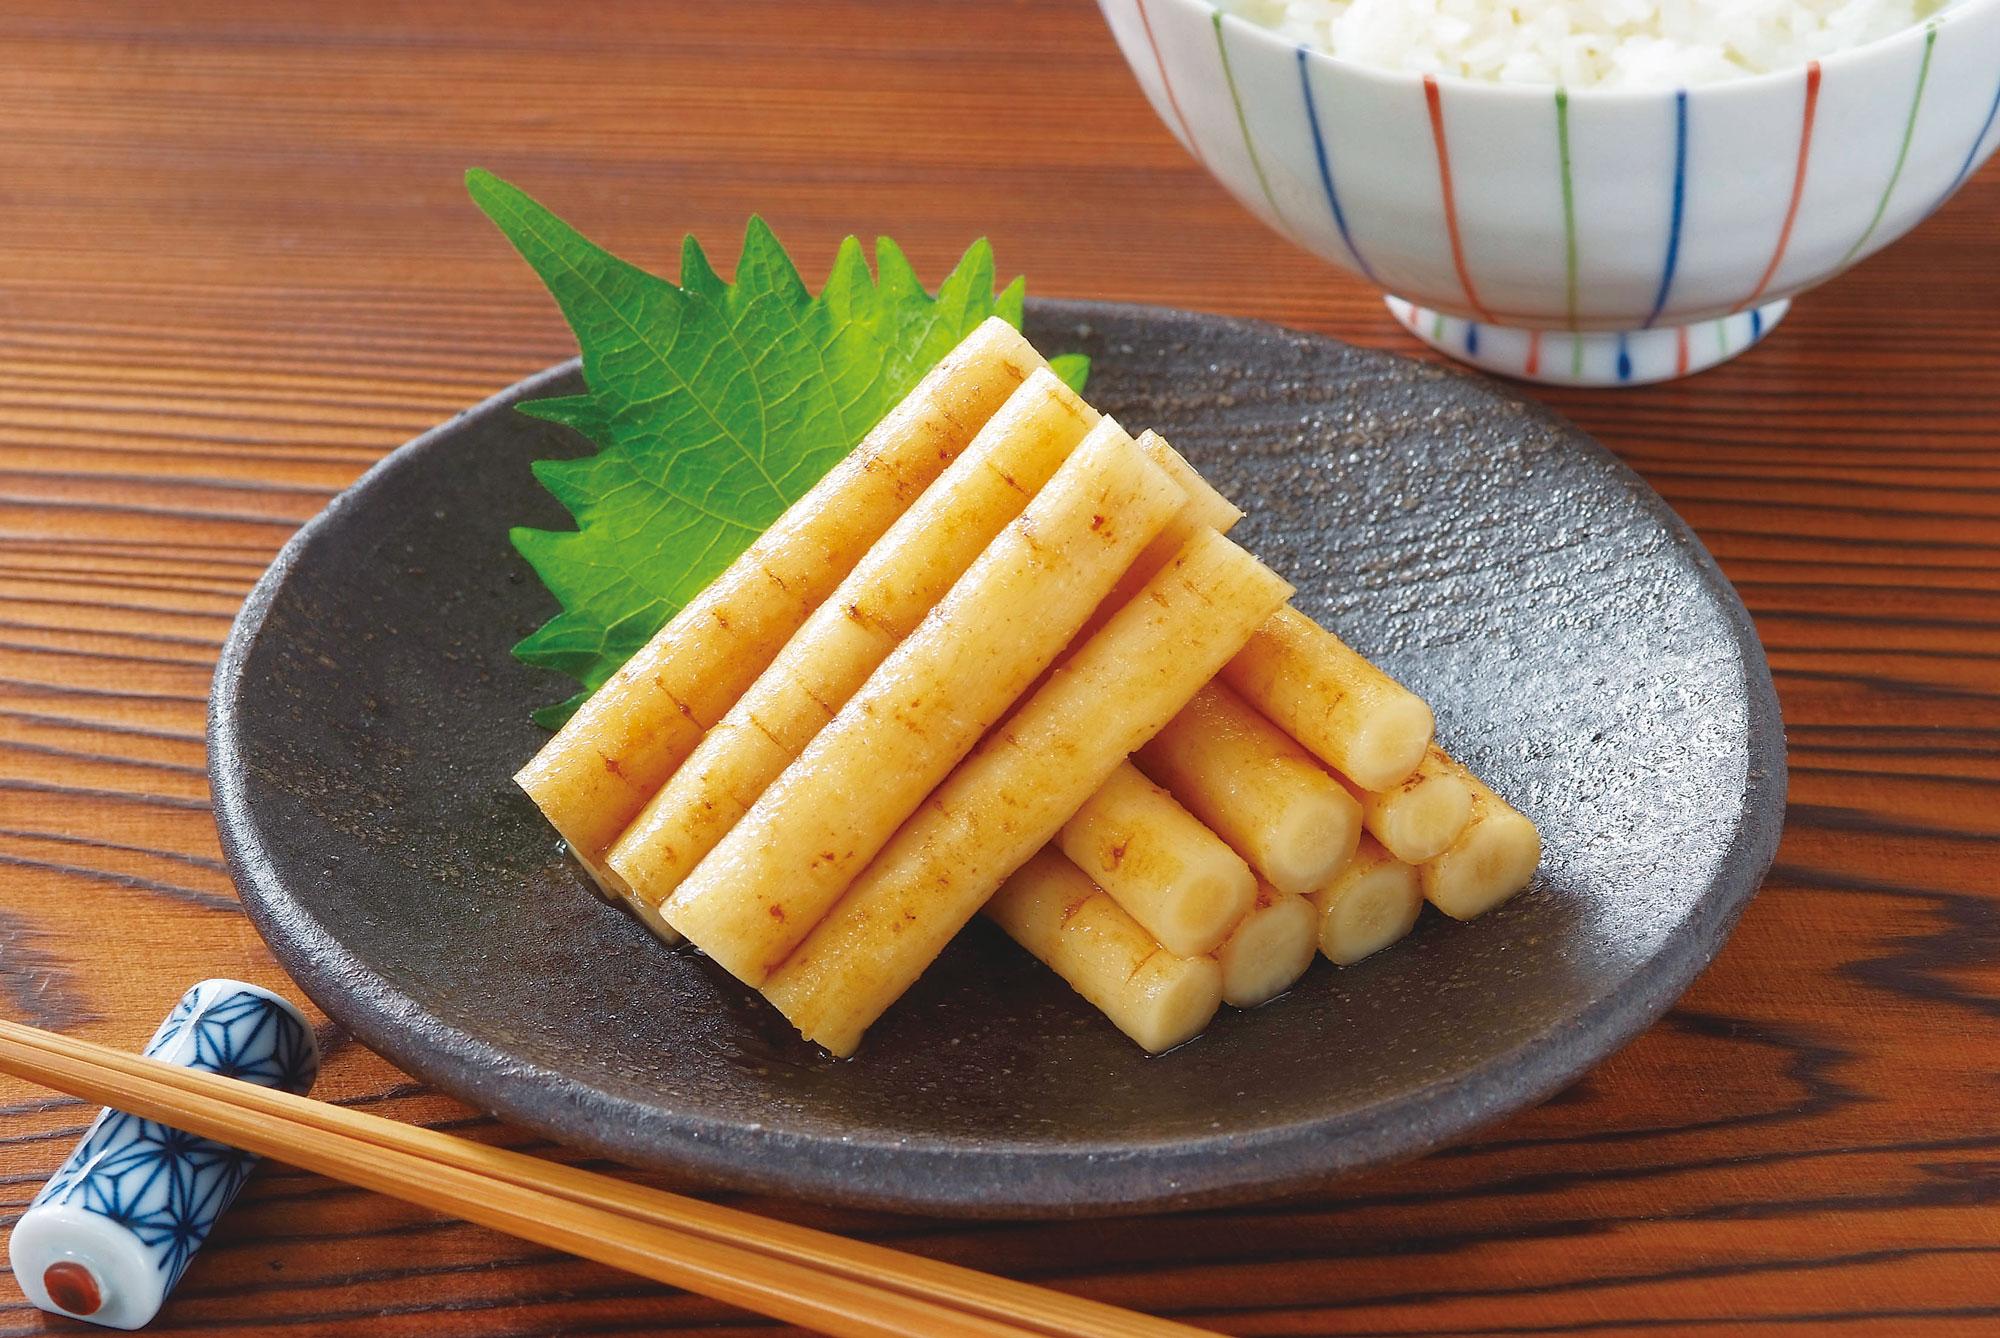 漬物 日本の味 若採りごぼう